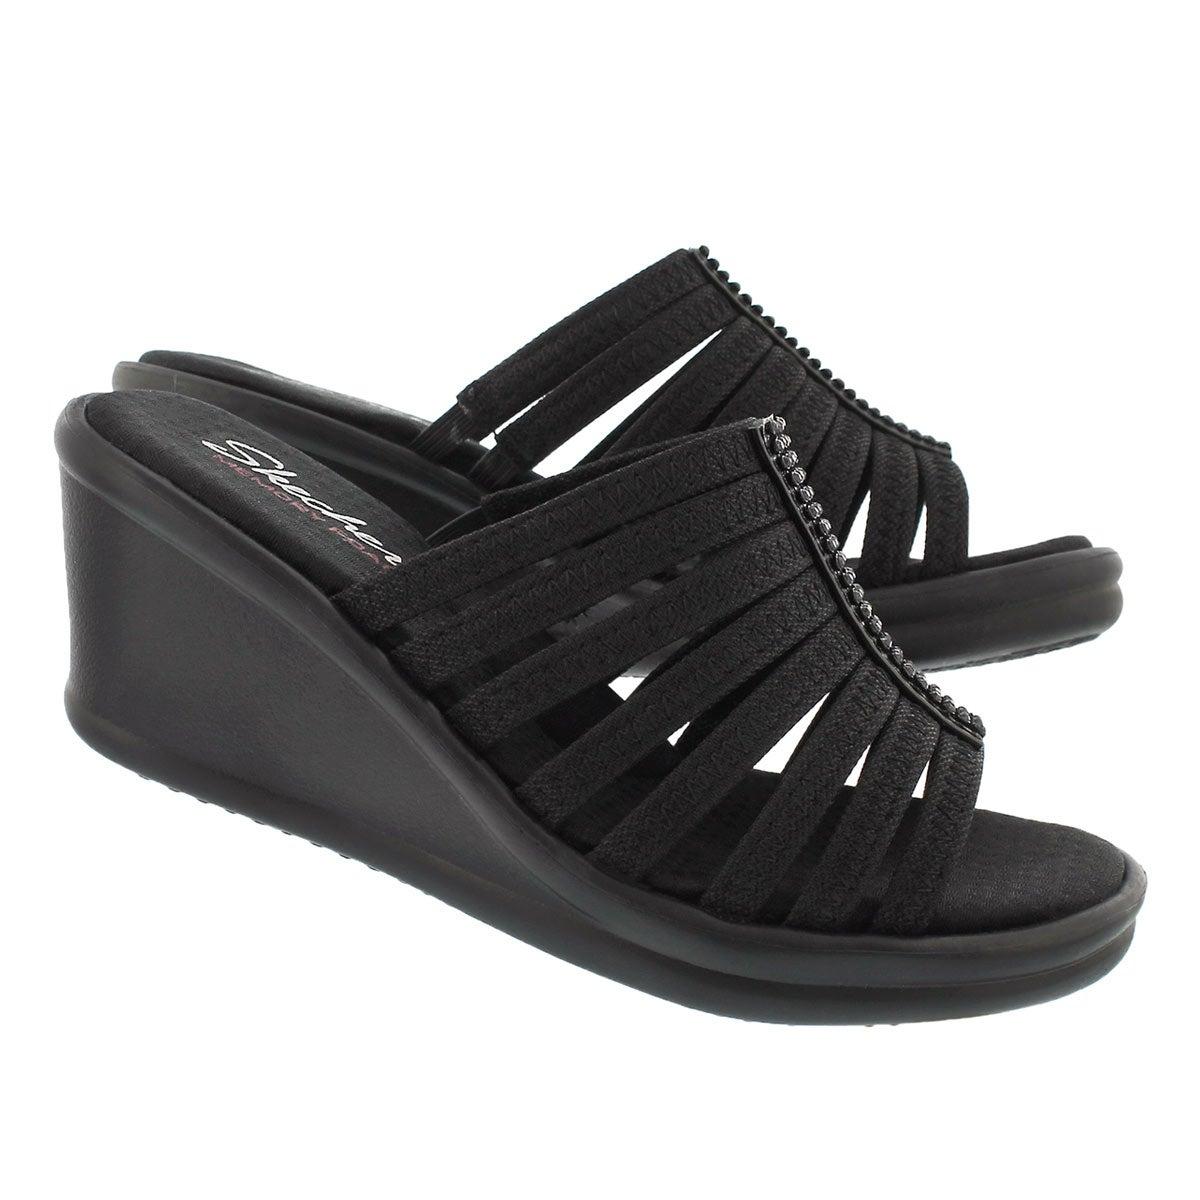 Sandale à talon comp Hotshot, noir, fem